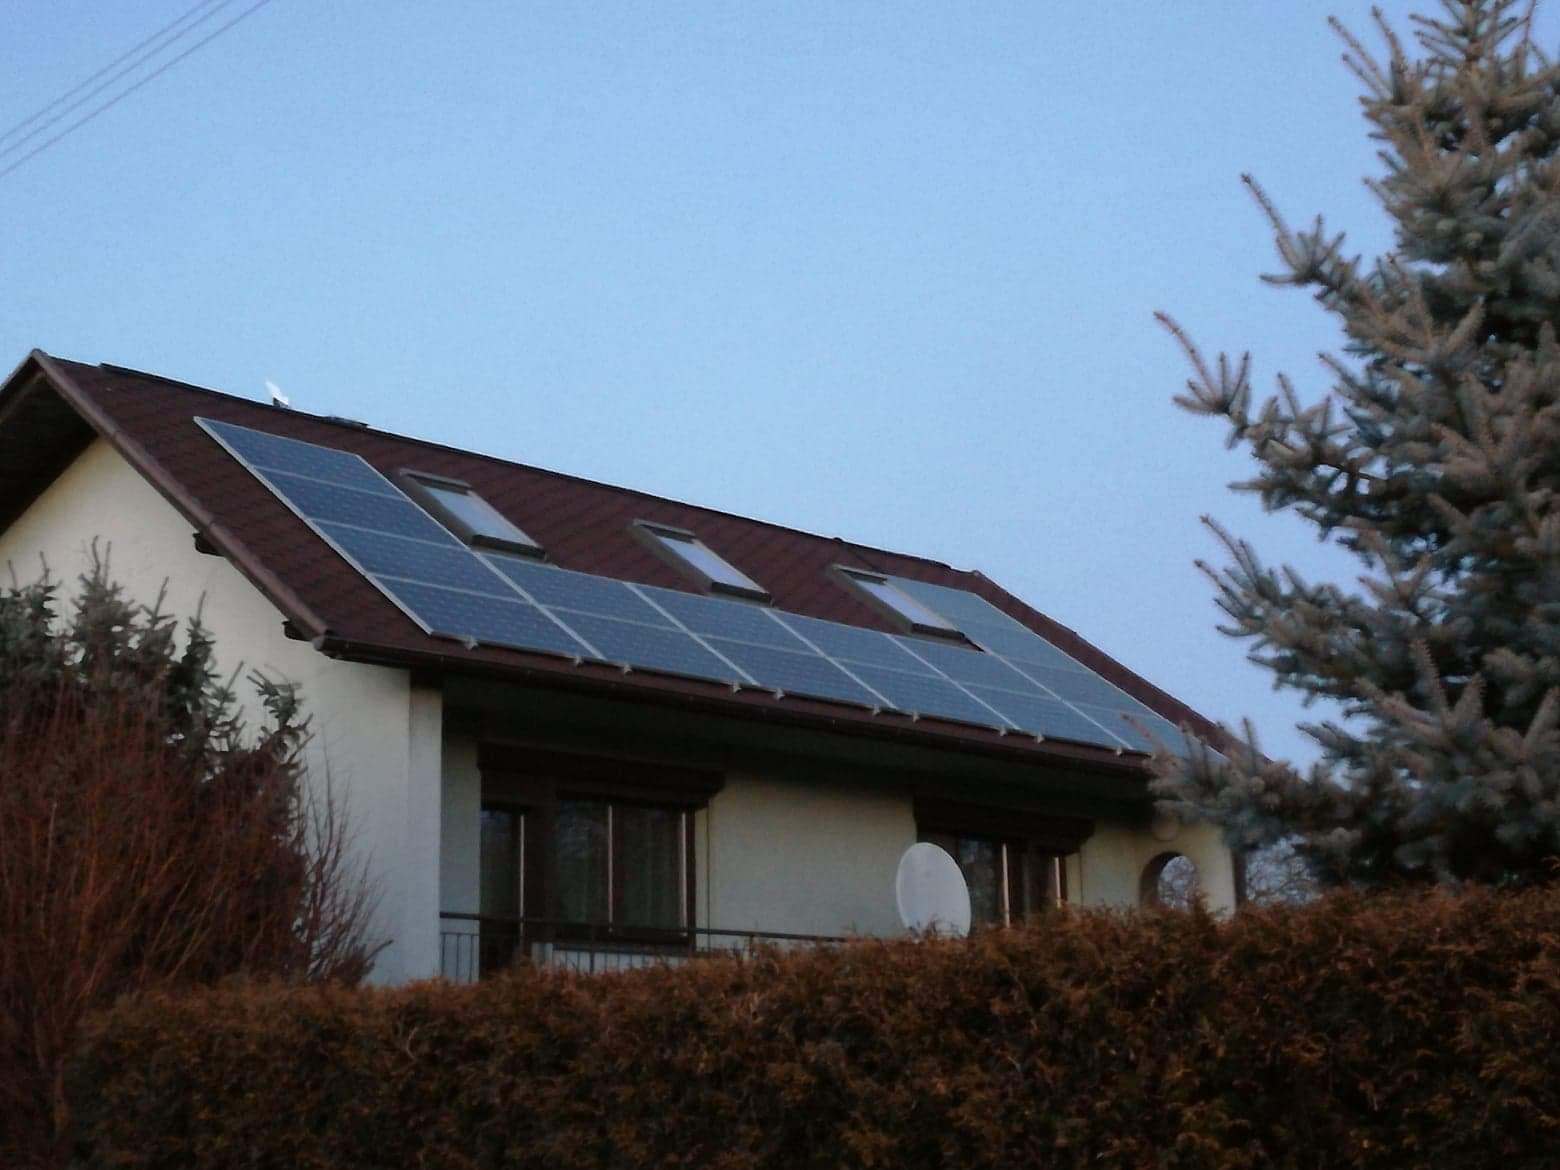 energia ogrzewania słoneczne dachu energia